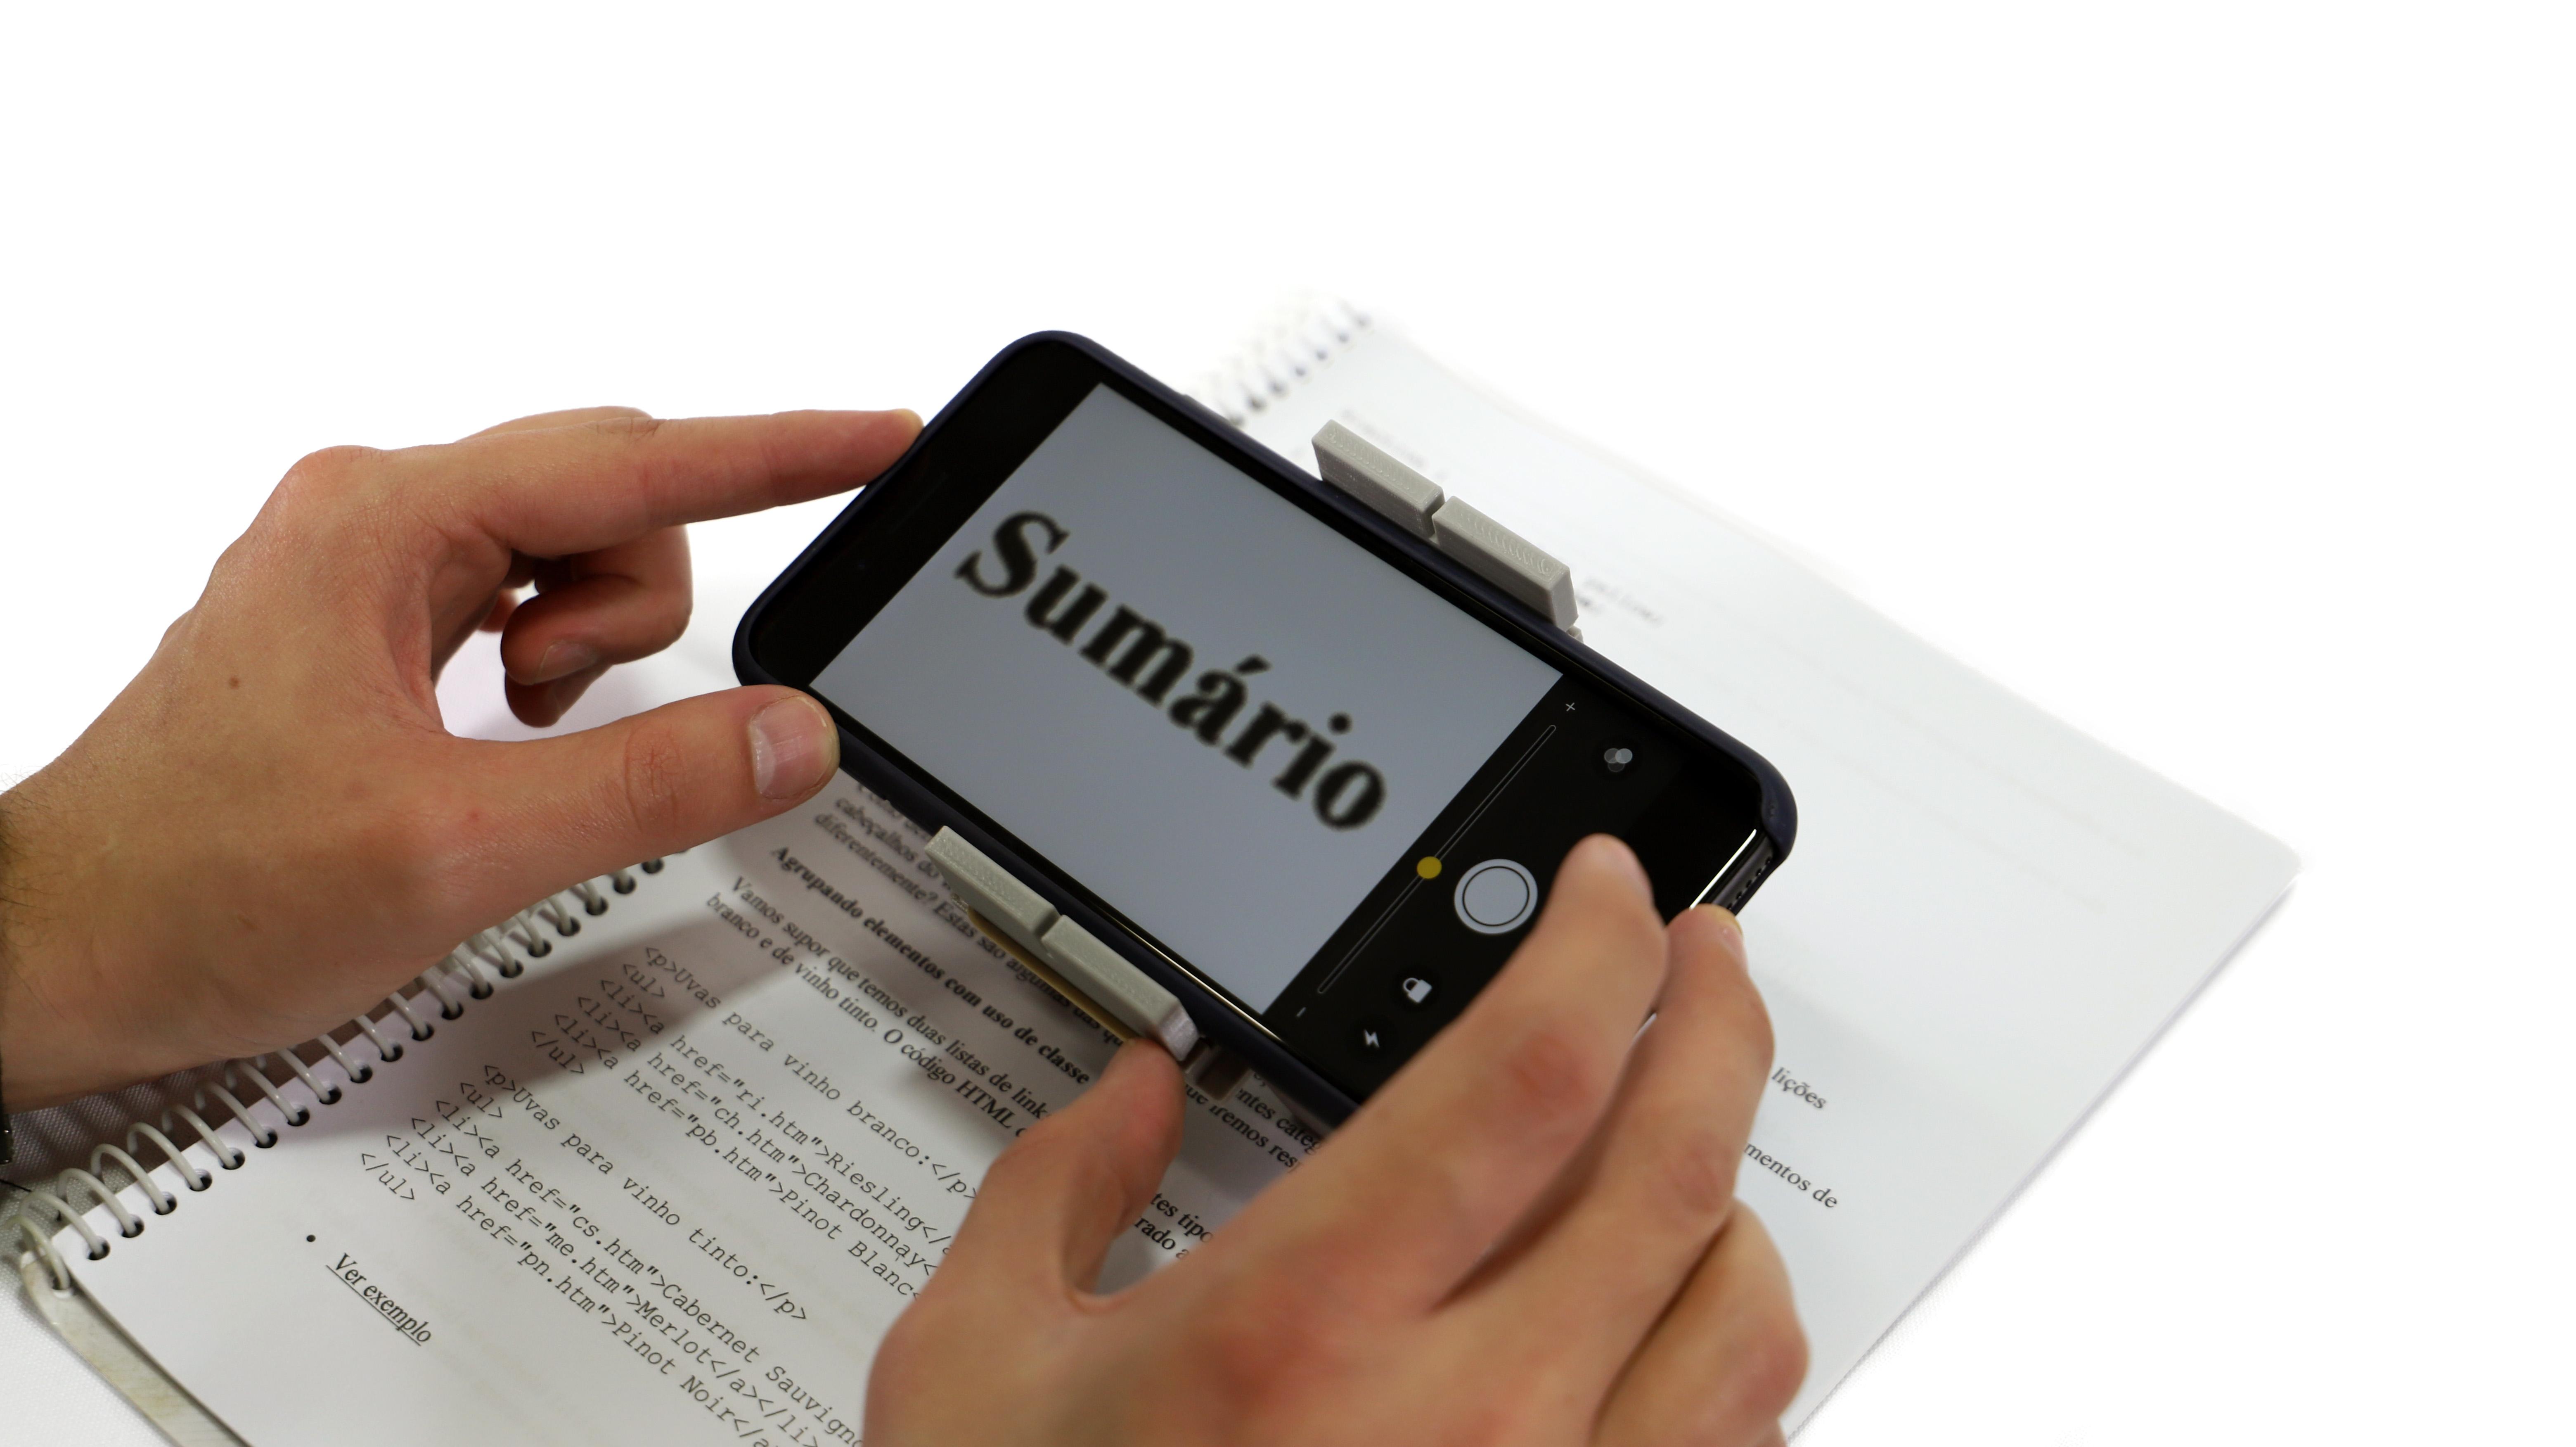 smartphone acoplado ao suporte, com lupa ativada no contraste de cores preto e branco